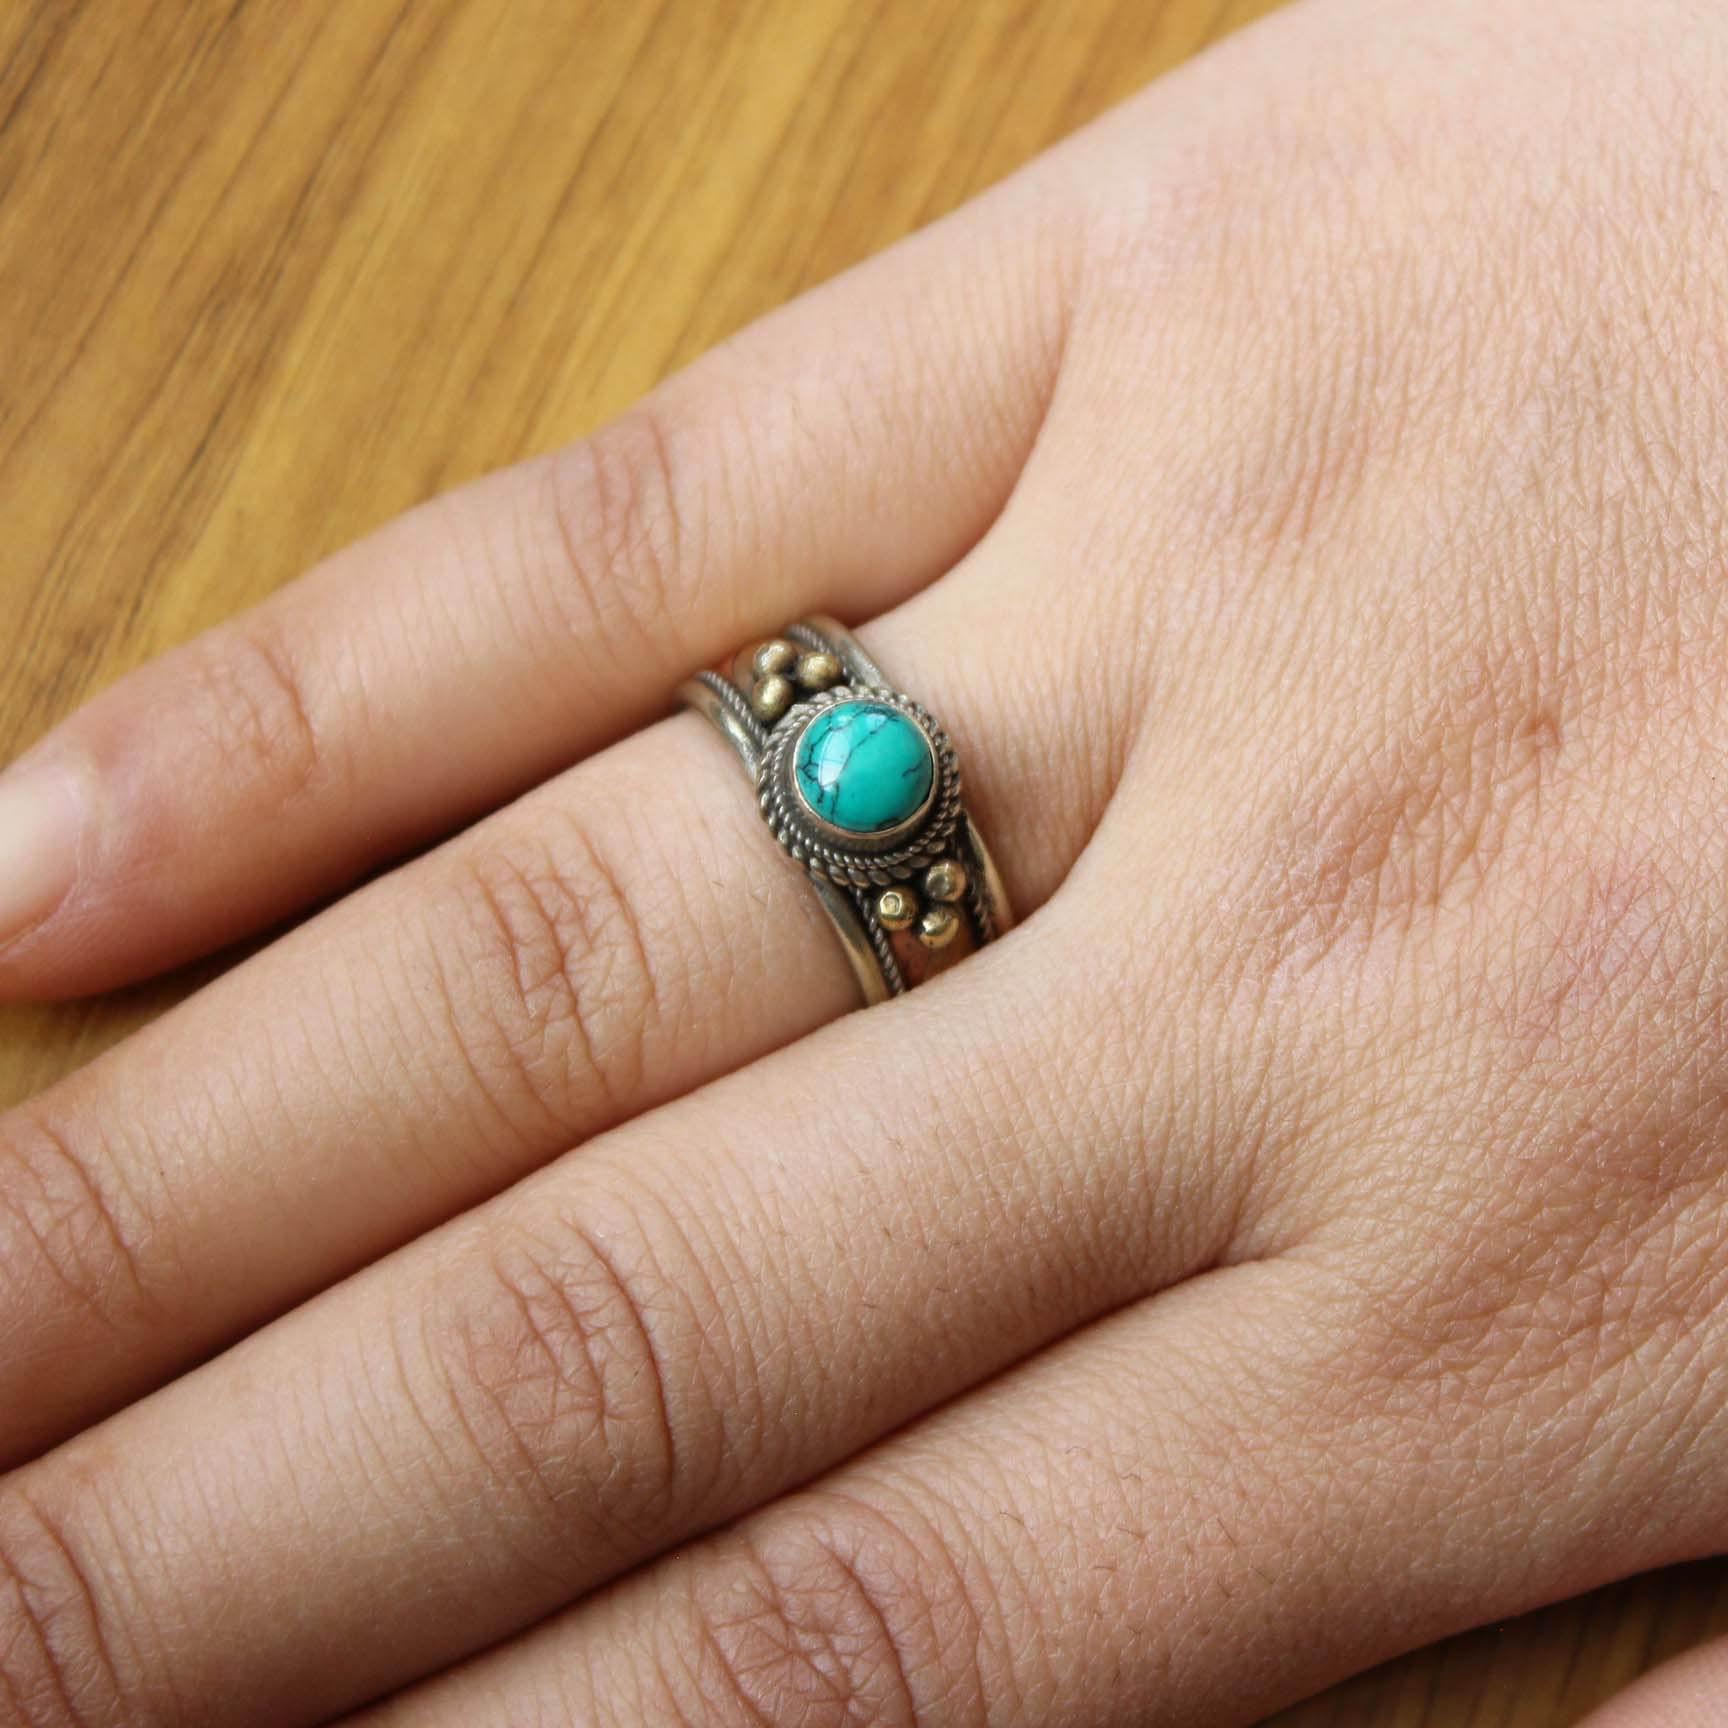 RG337, anillo étnico tibetano de cobre con incrustaciones de turquesas para mujer, joyería de Nepal, anillos ajustables Vintage de 8mm de ancho